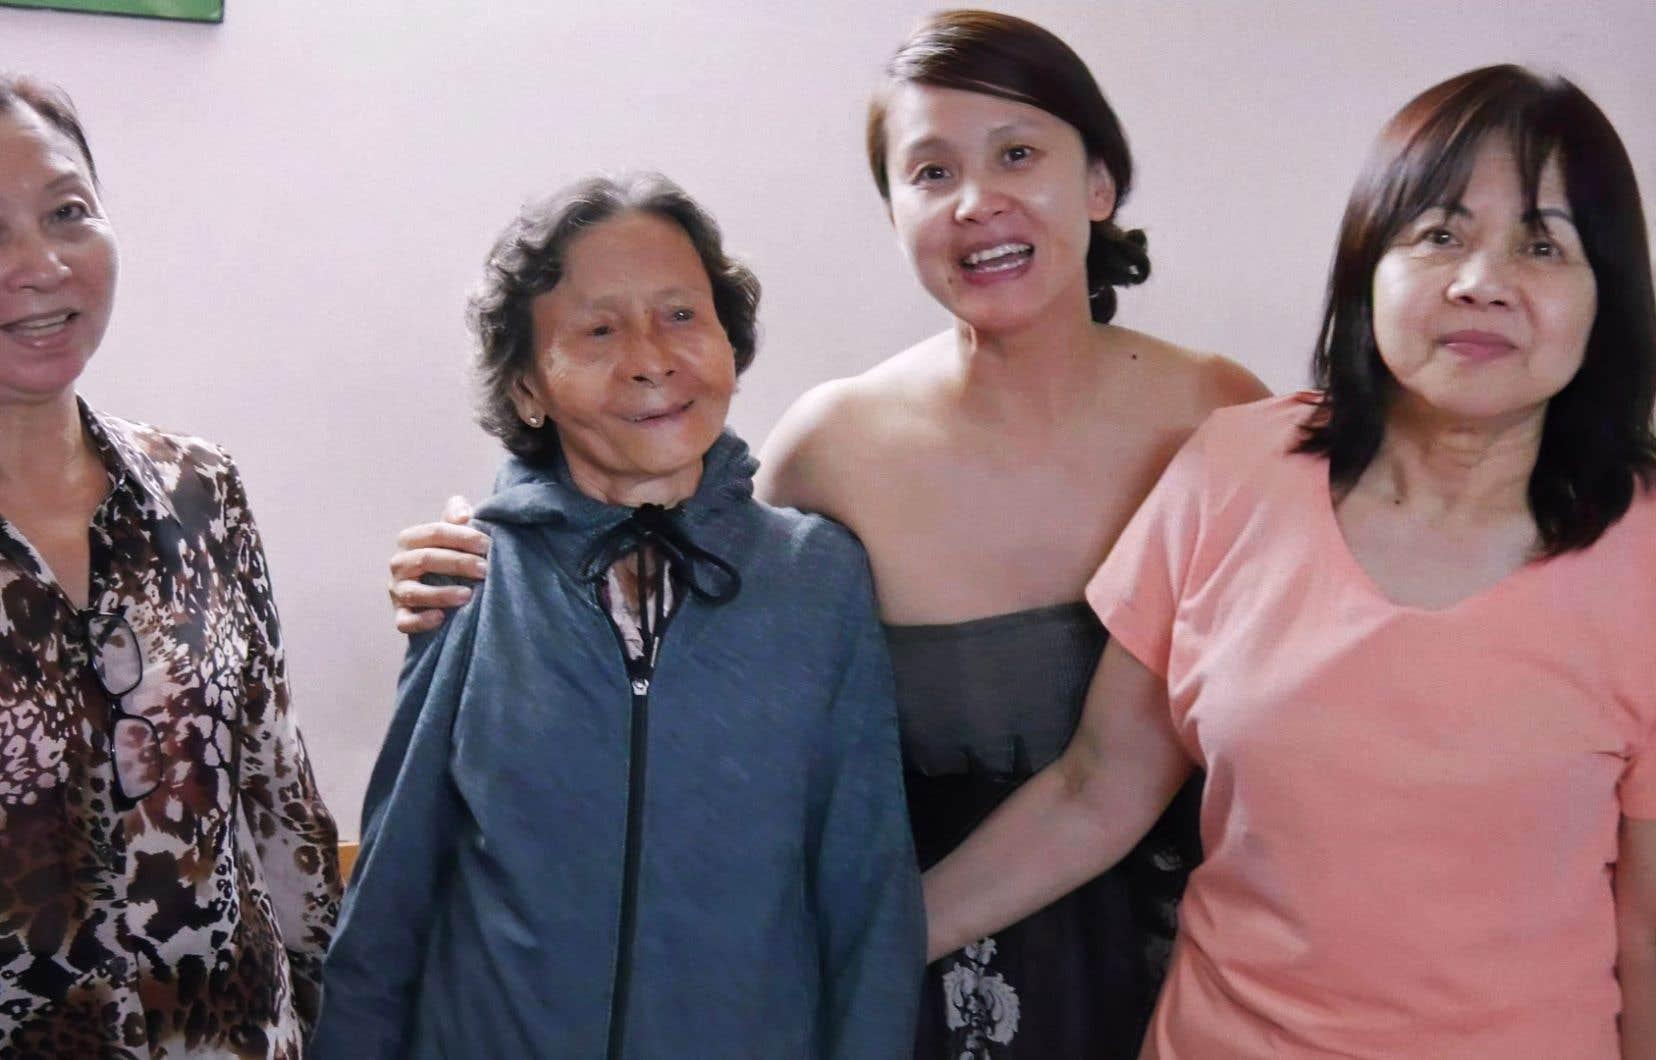 Thi Be, Thi Ngoc, Thi Hoi et une amie de la famille. Il y a une telle confiance entre la cinéaste et Thi Be Nguyen que cette dernière la laisse filmer des scènes entre ses tantes et elle-même qui n'auraient dû qu'appartenir à la famille.